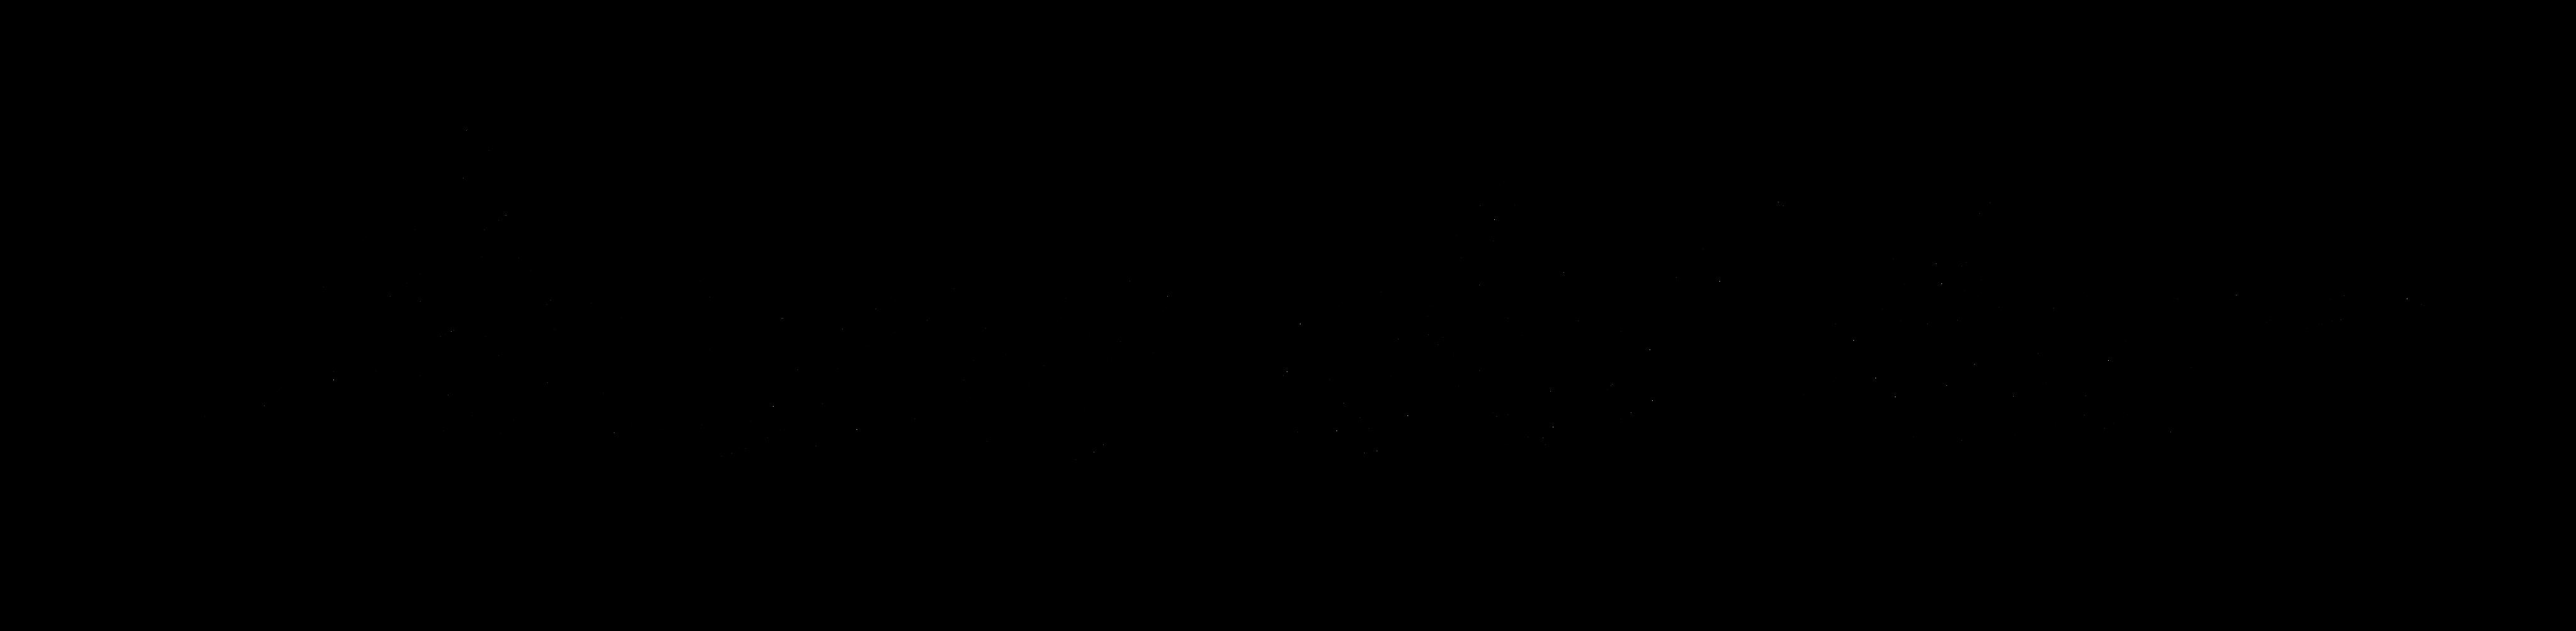 Kennan del Mar